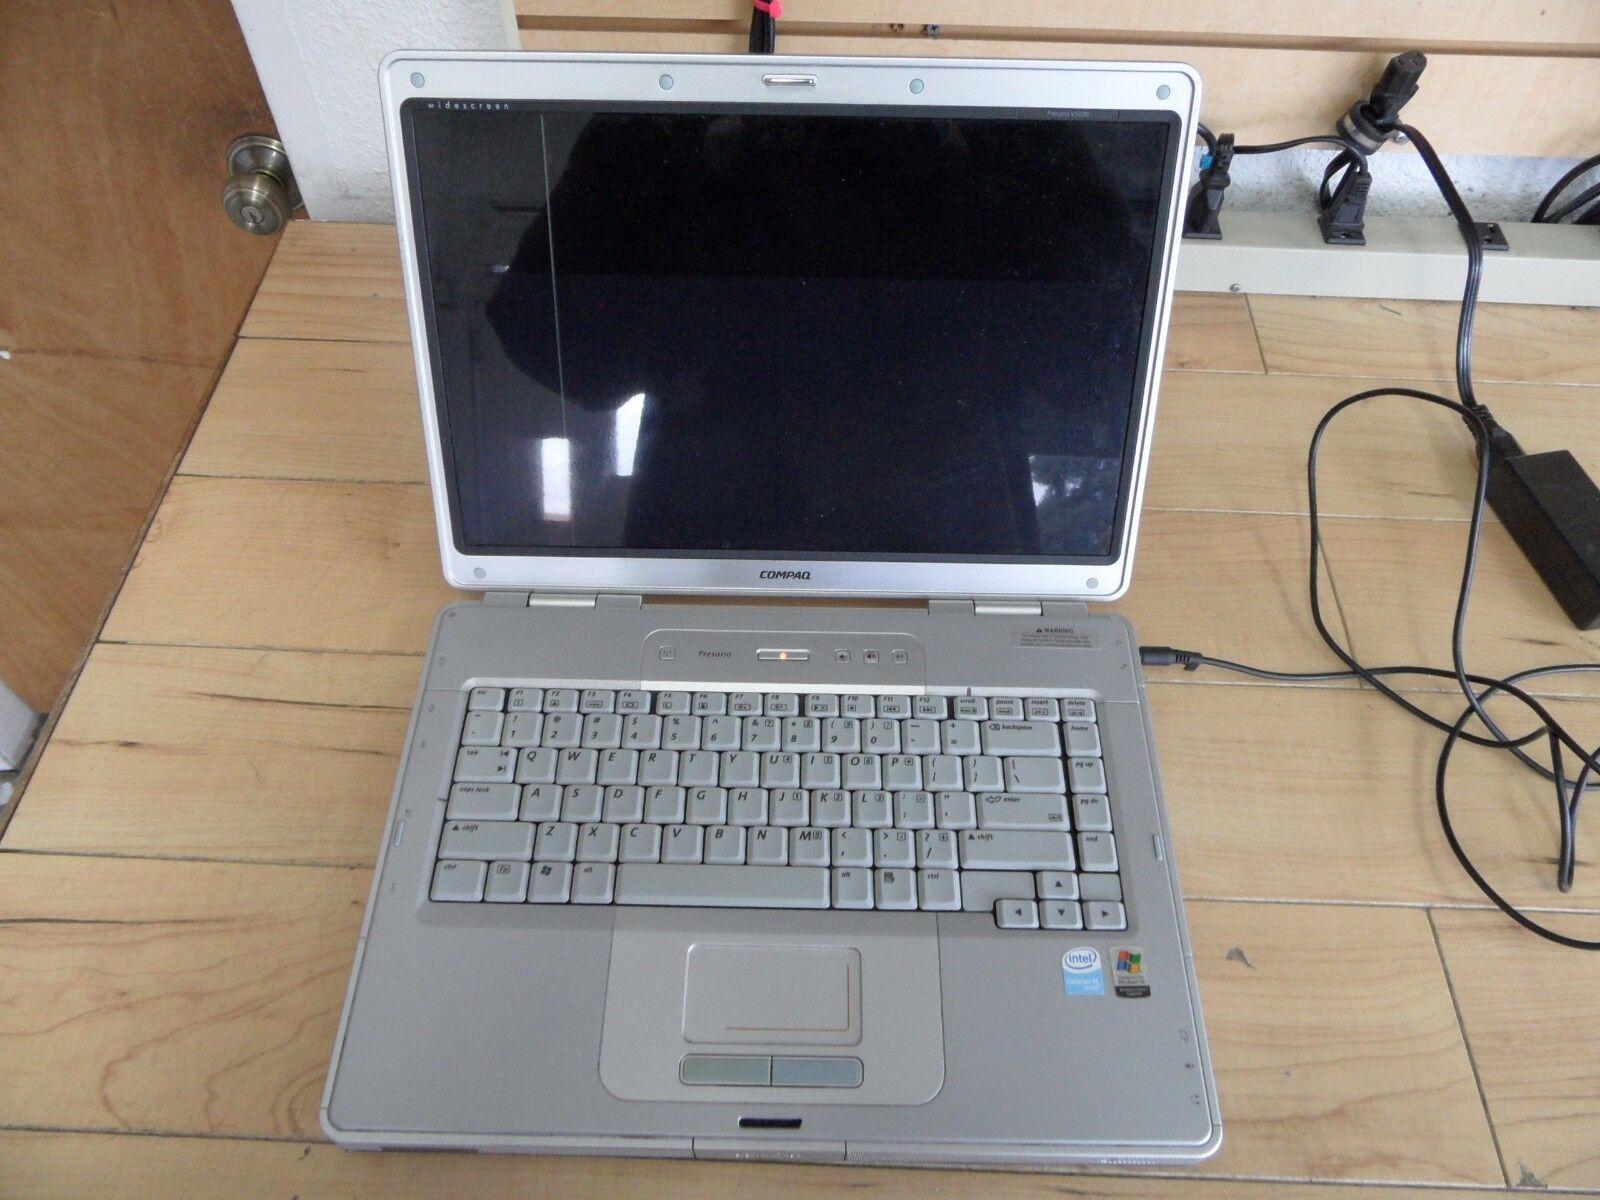 Compaq Presario V5000 Parts Laptop Bad Screen Powered On No Hard Drive